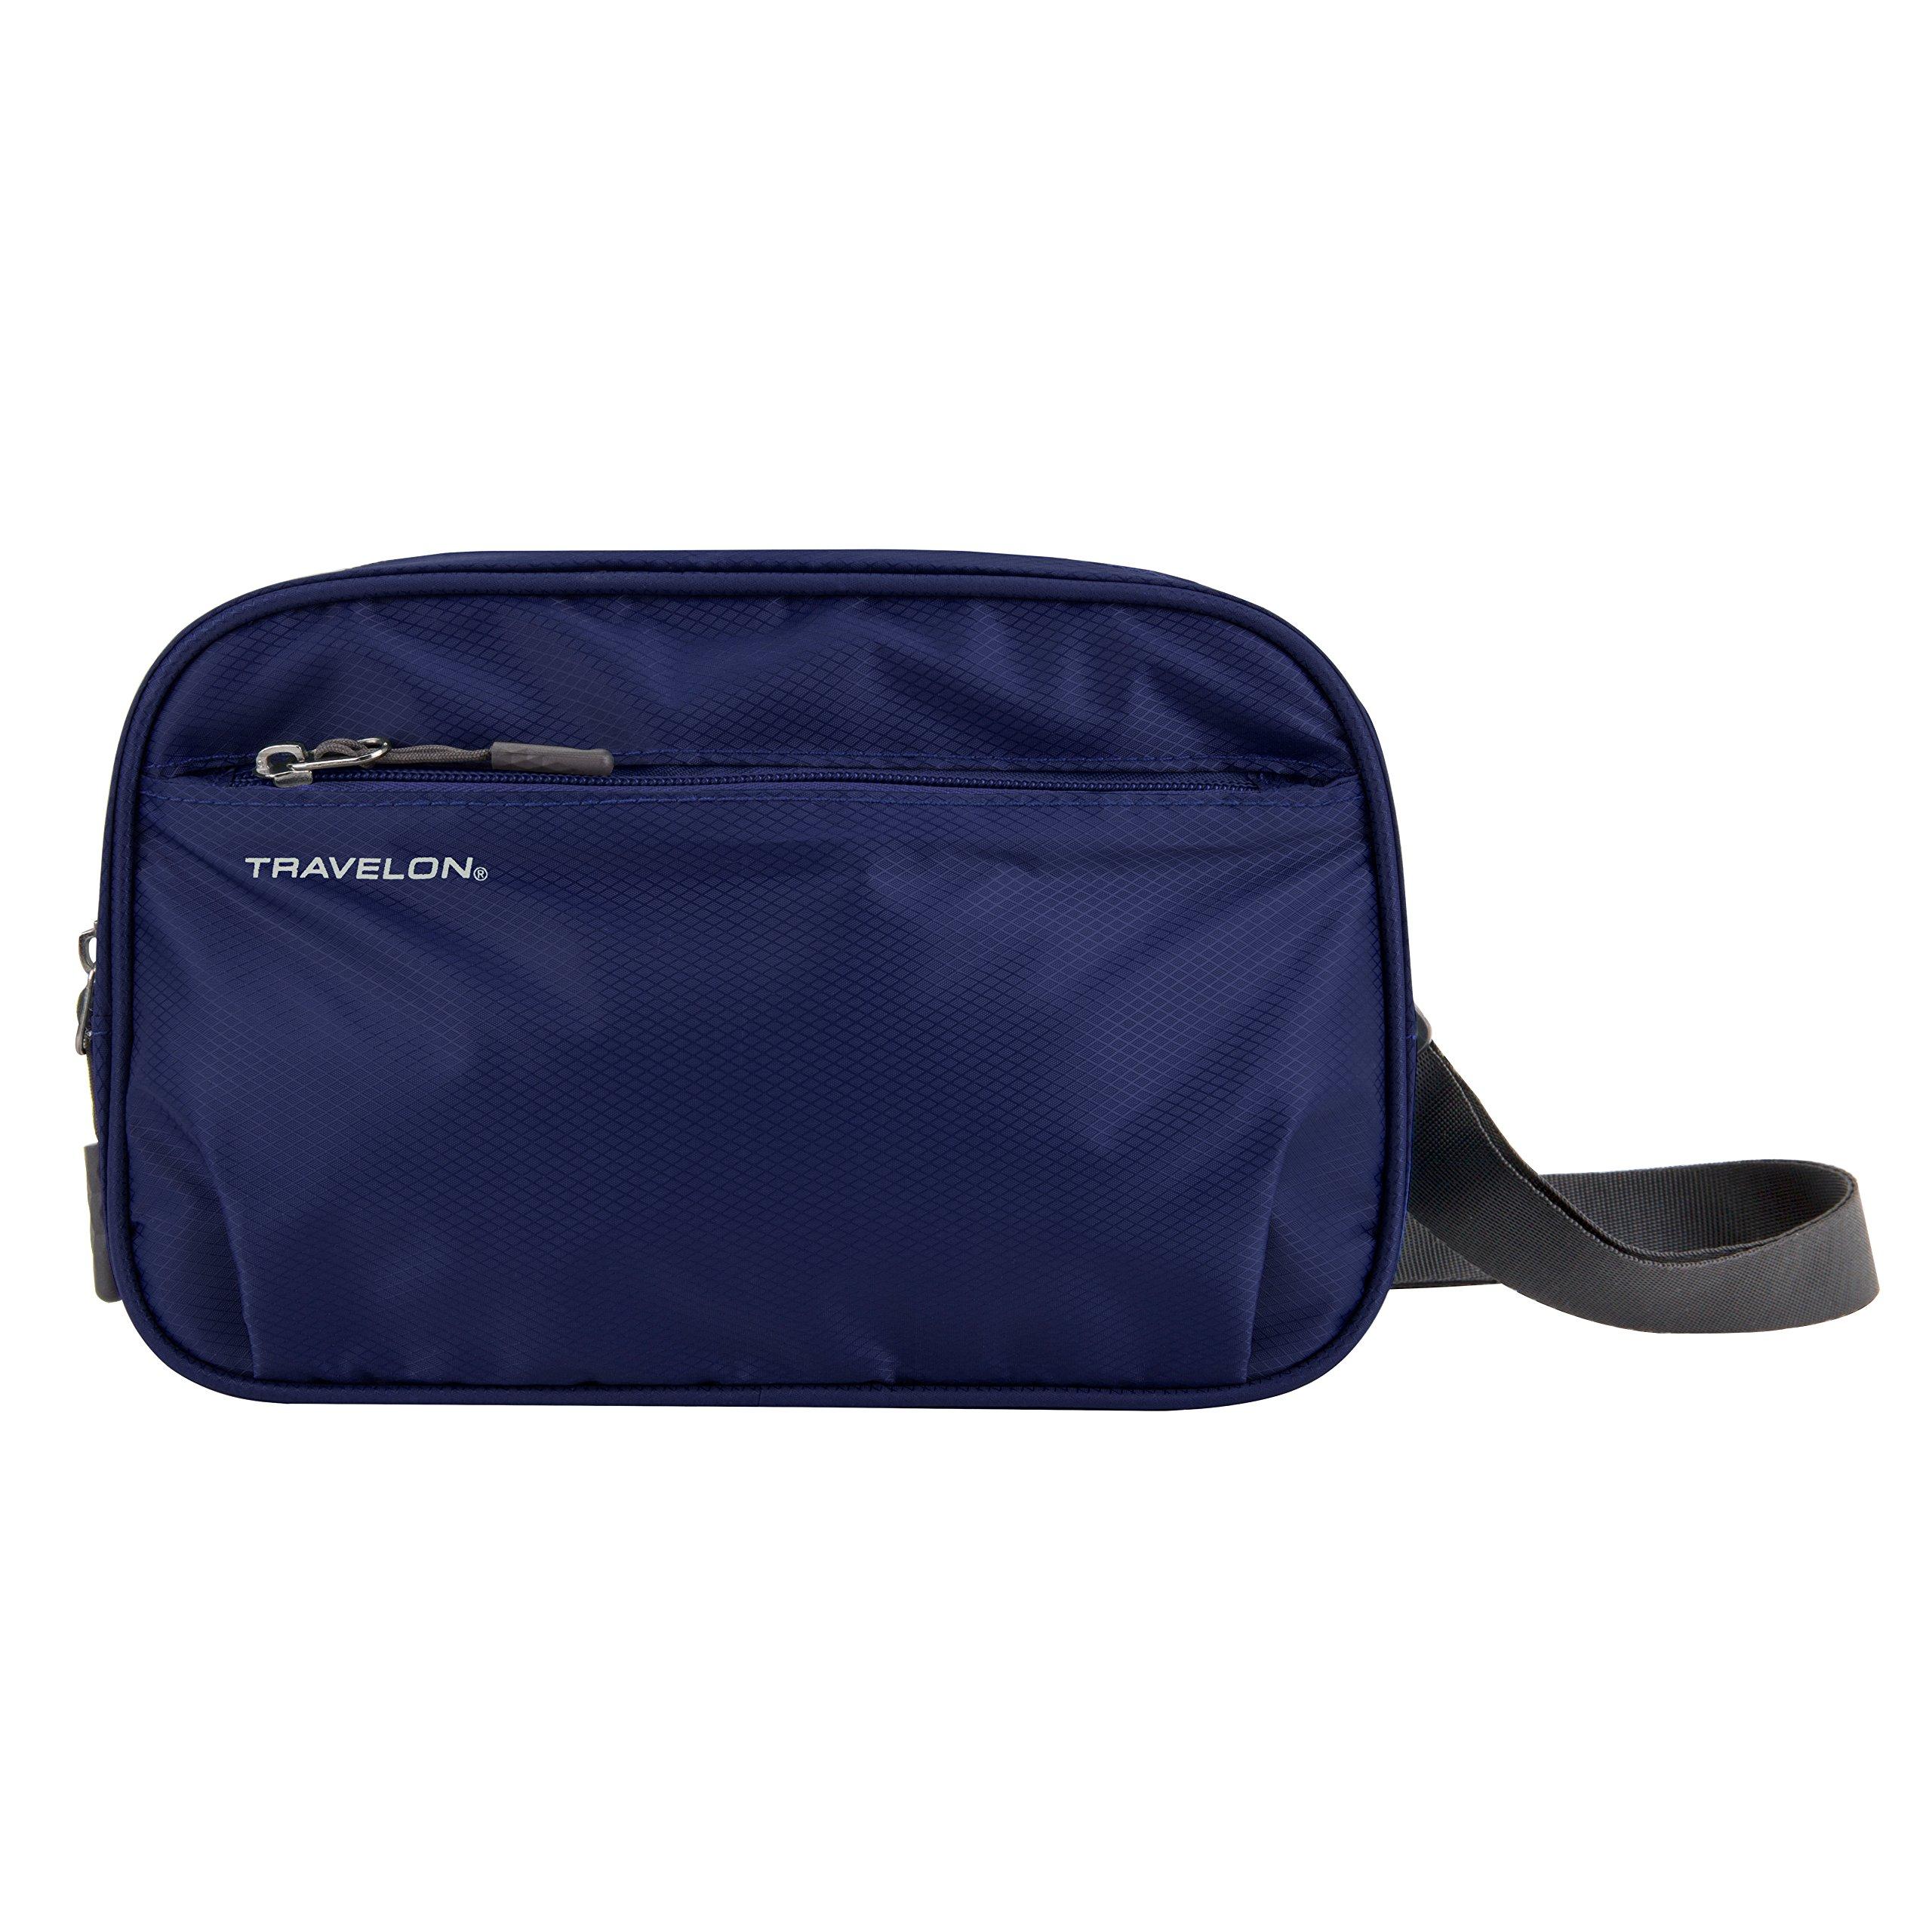 Travelon World Travel Essentials 3-in-1 Waist Pack, Lush Blue